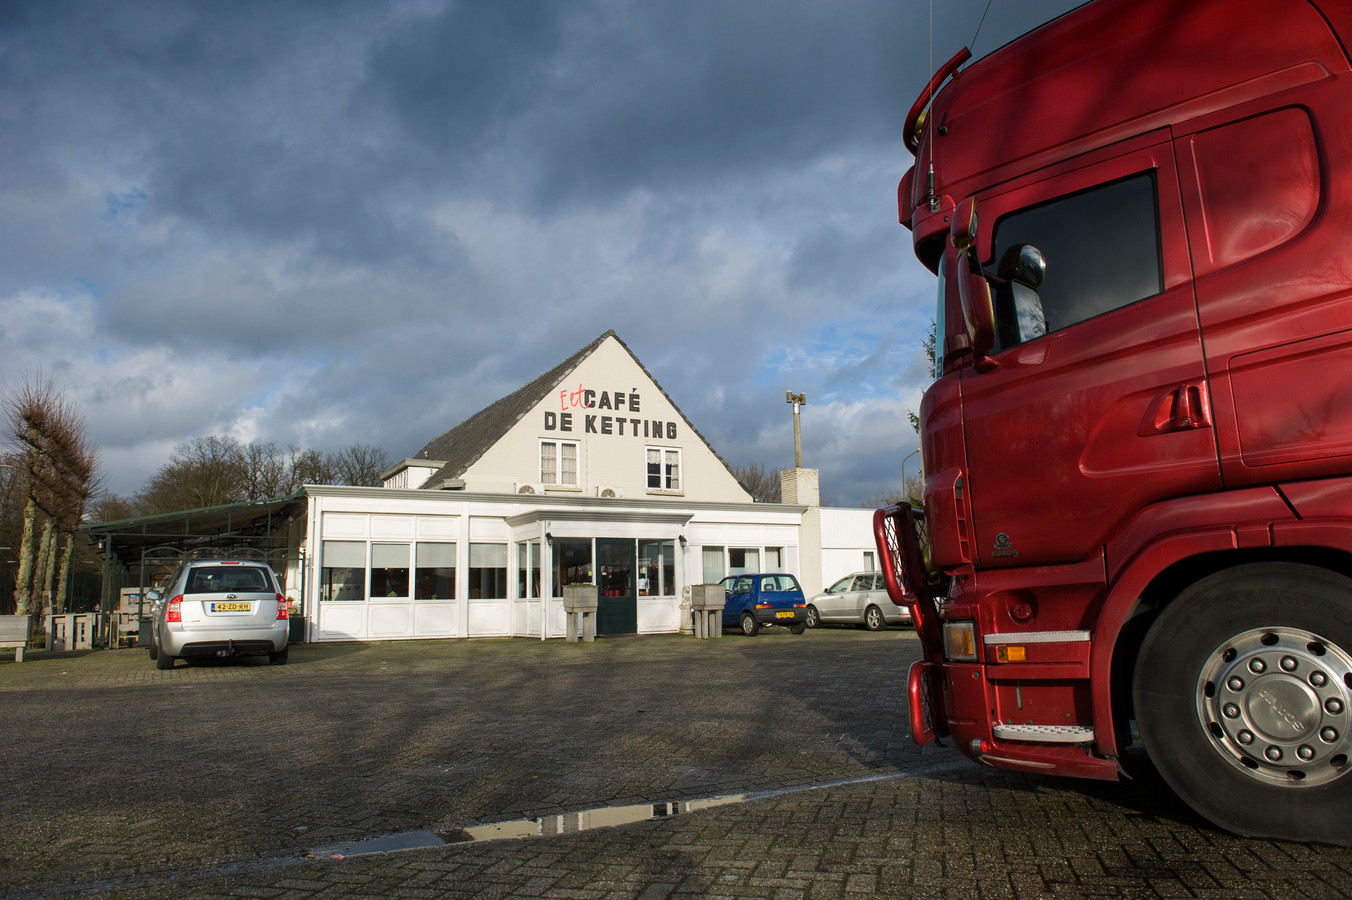 Ter hoogte van De Ketting aan de Bosscheweg in Boxtel werd meer verkeer geteld dan in 2012, maar op de rest van de route is het verkeer niet of nauwelijks toegenomen.